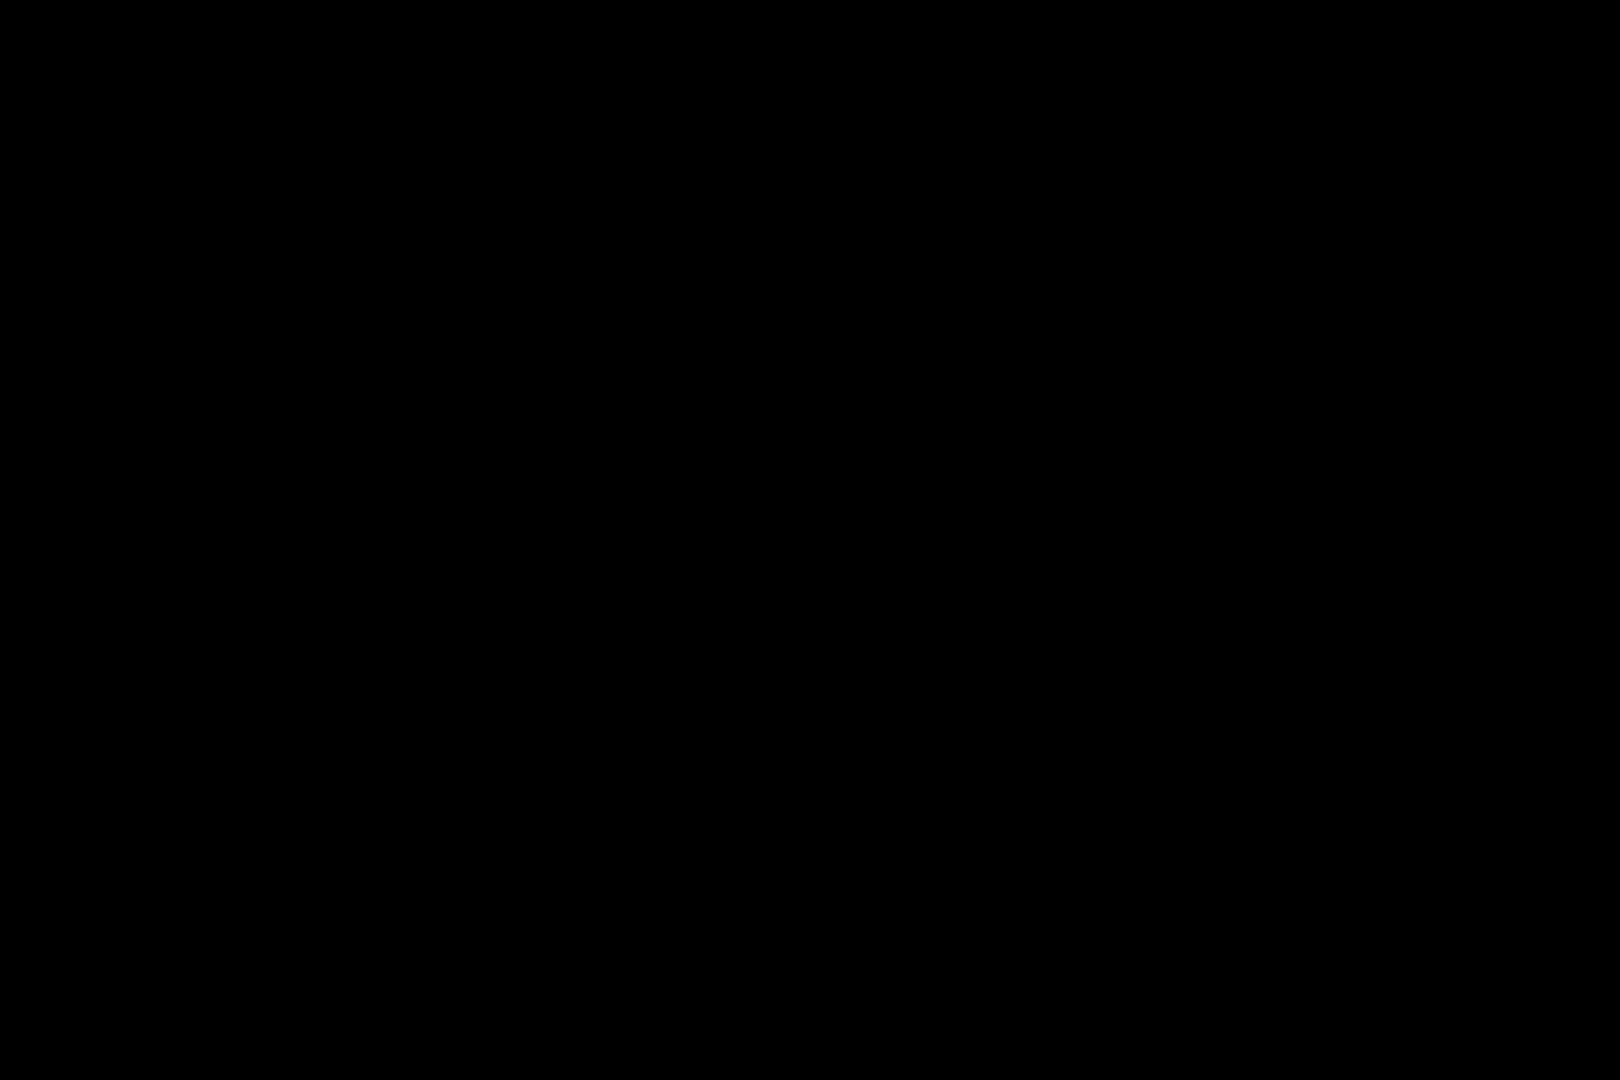 充血監督の深夜の運動会Vol.139 セックス流出映像 オマンコ無修正動画無料 87連発 34